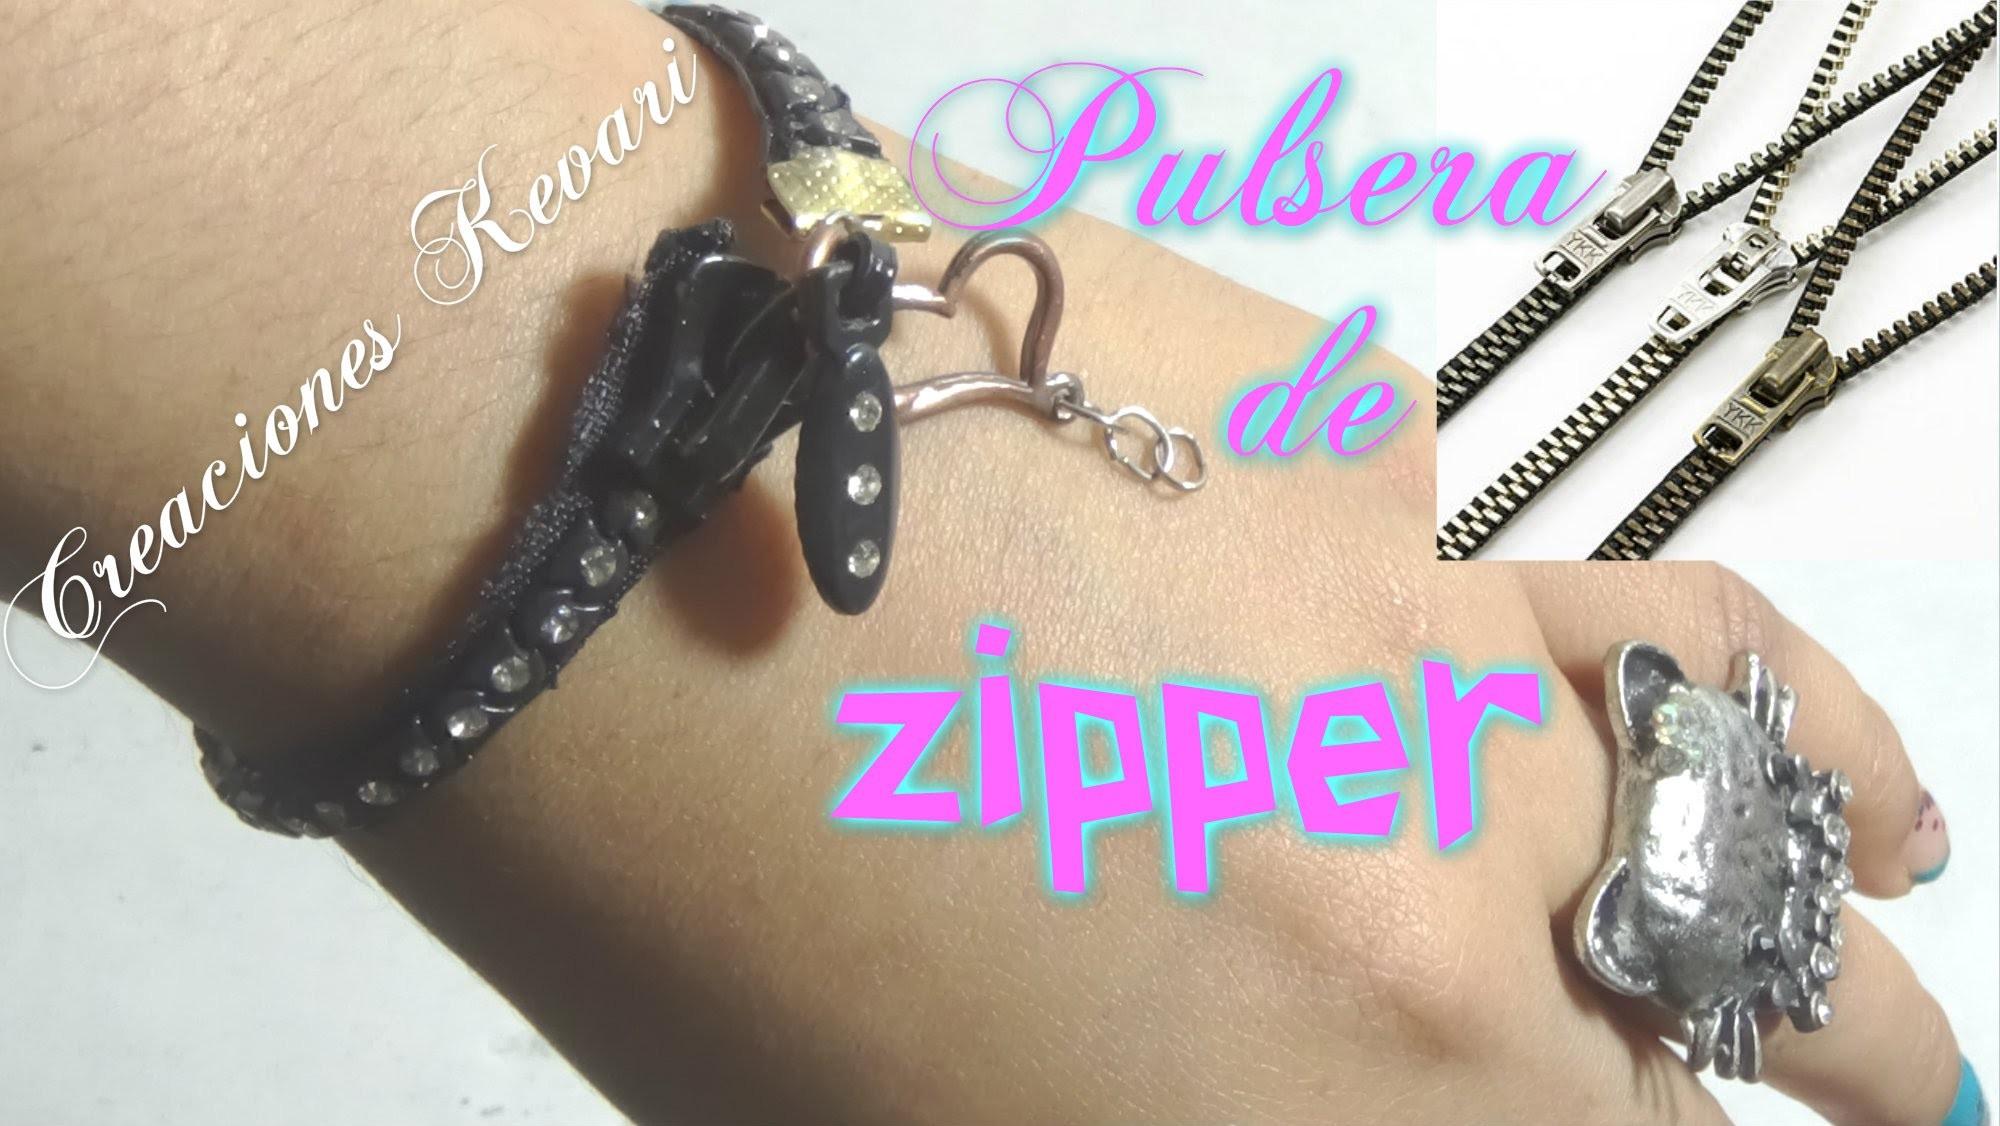 Pulsera Reciclada con Zipper o cremallera.cierres DIY: Zipper Bracelet | Back-to-School